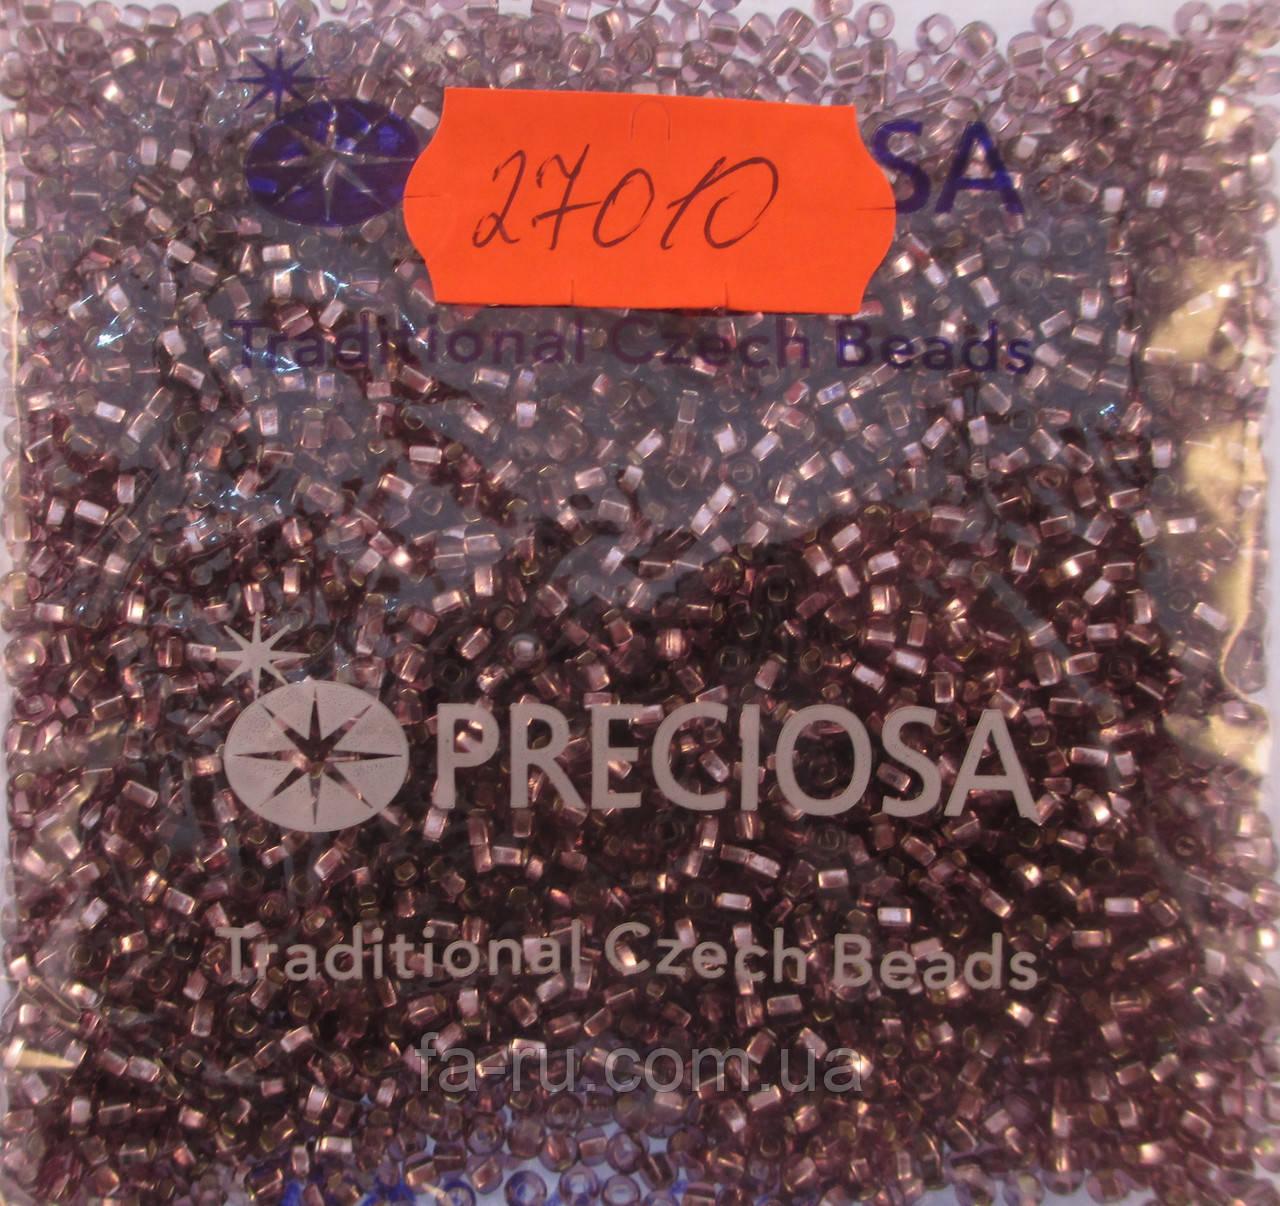 Бисер 10/0, цвет - крепкий чай,  №27010 (с квадратным отверстием)